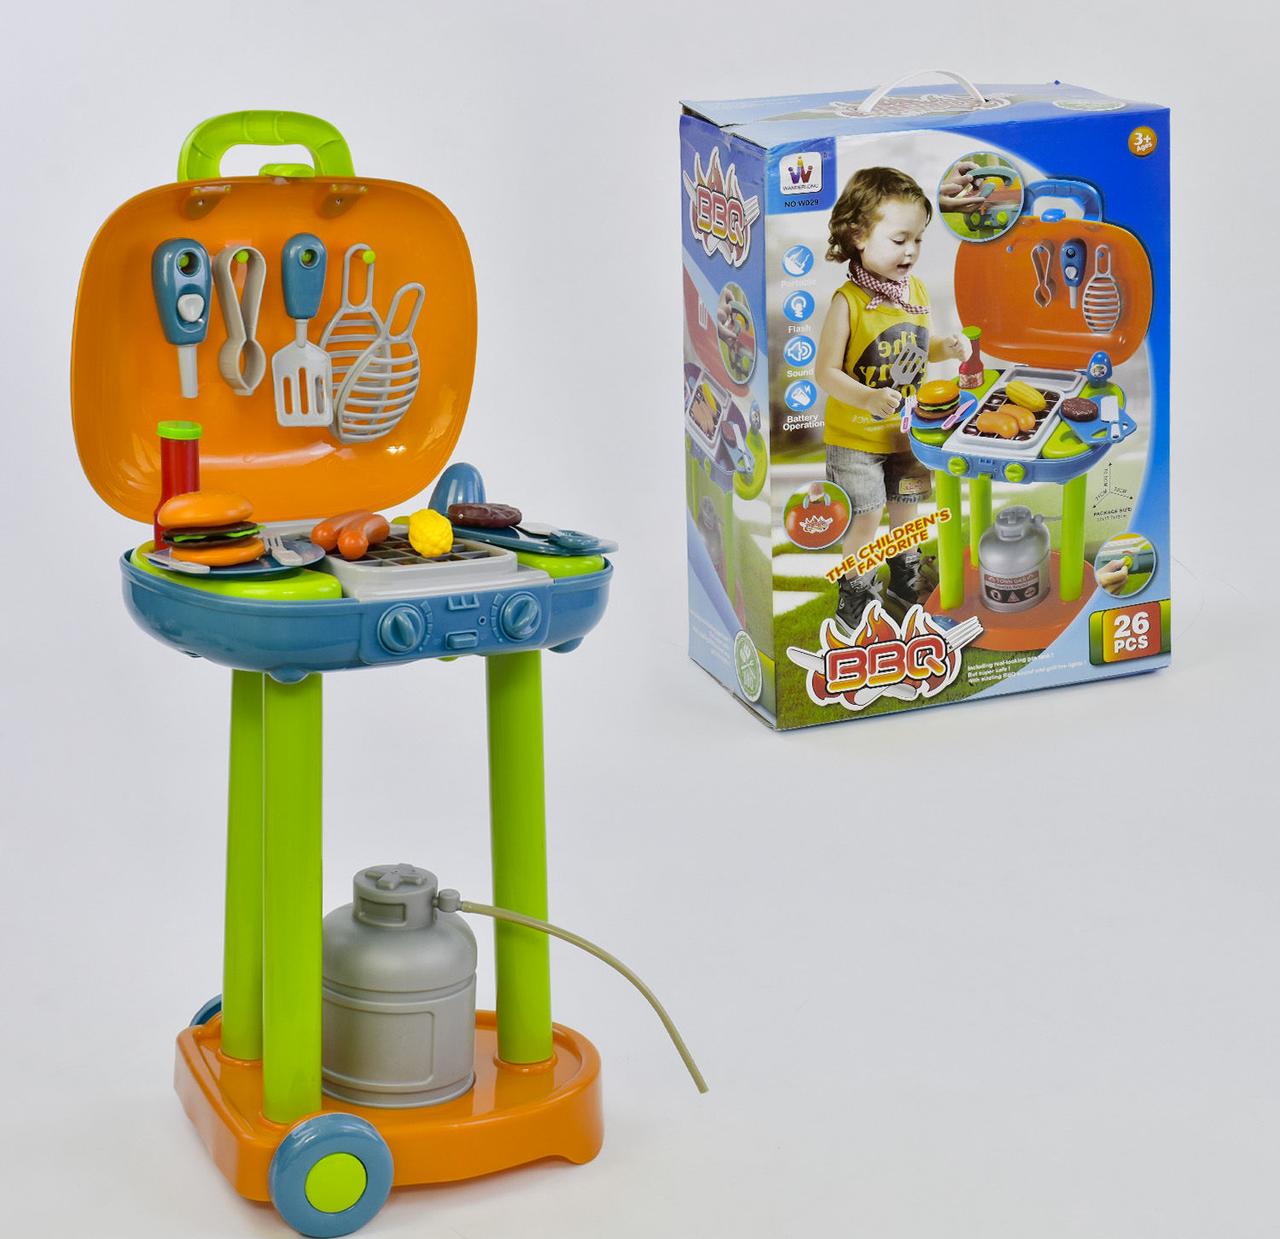 Игровой набор продуктов GTM Барбекю со звуком Разноцветный (1059-04)